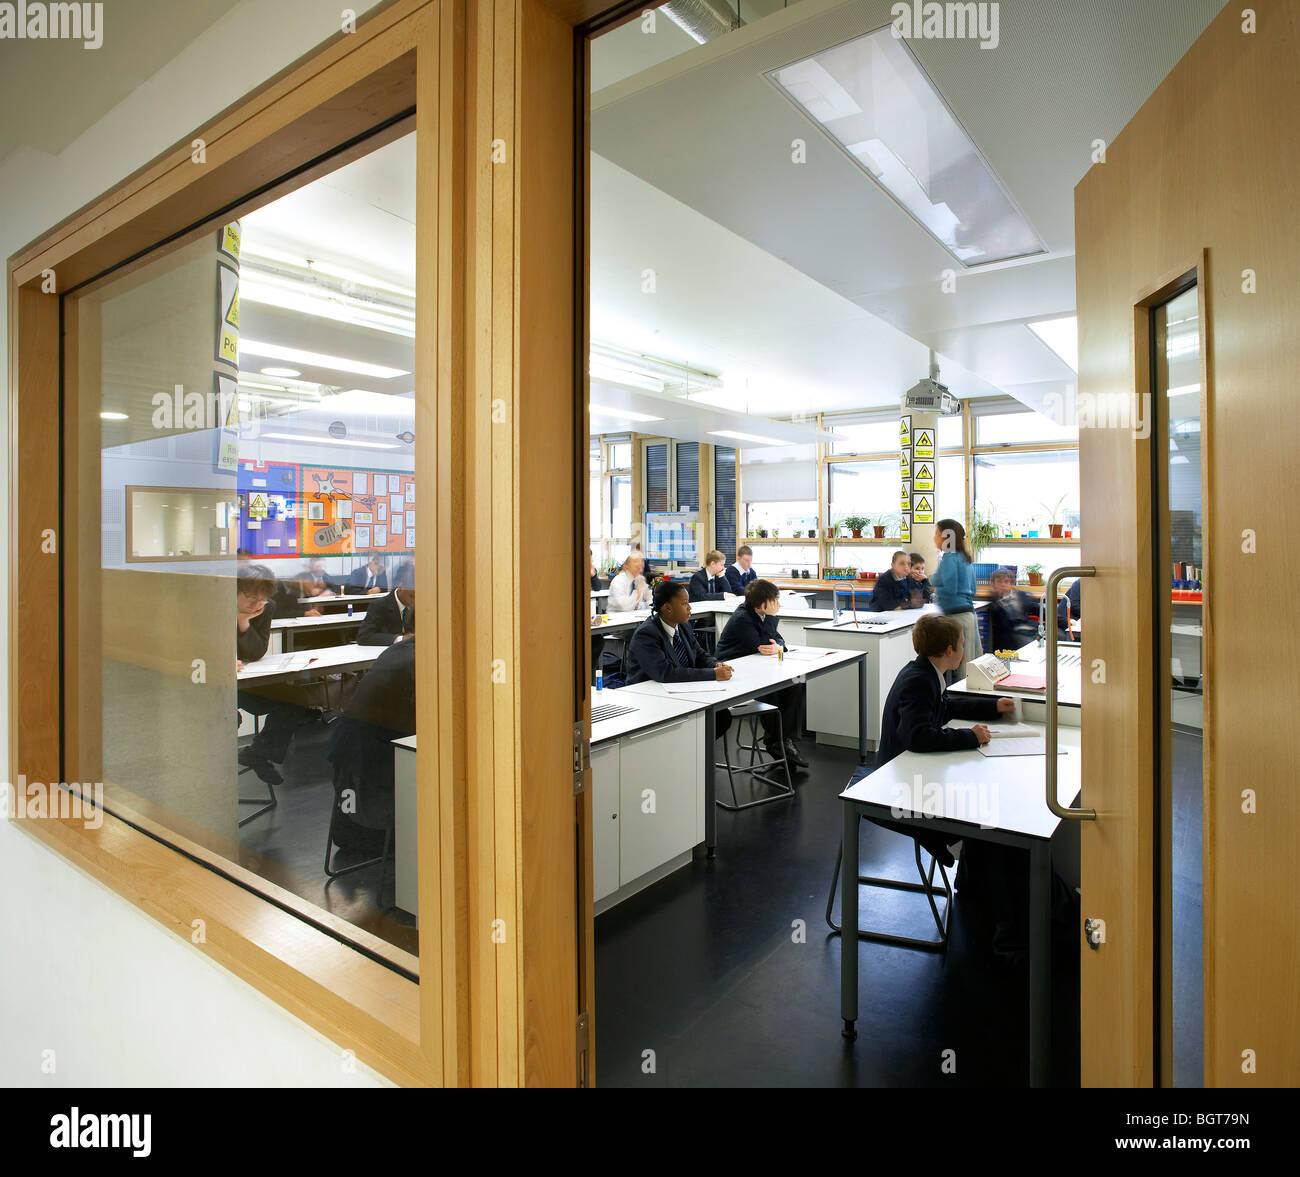 Open classroom door Cartoon St Mary Magdalene Academy View Through Open Door Into Classroom Alamy St Mary Magdalene Academy View Through Open Door Into Classroom